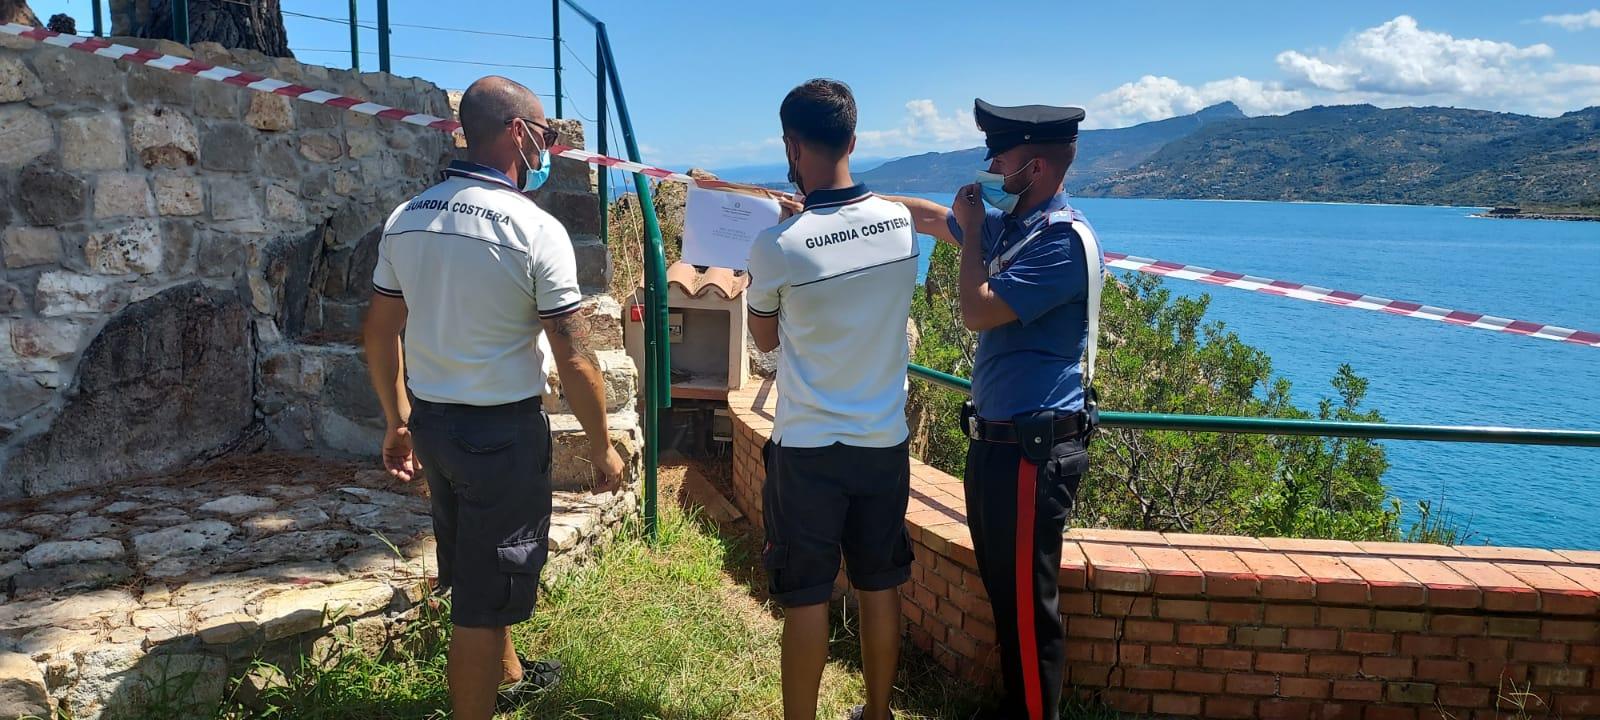 Sequestrato albergo privo di autorizzazioni a Cefalù, nei guai un 85enne – VIDEO e FOTO